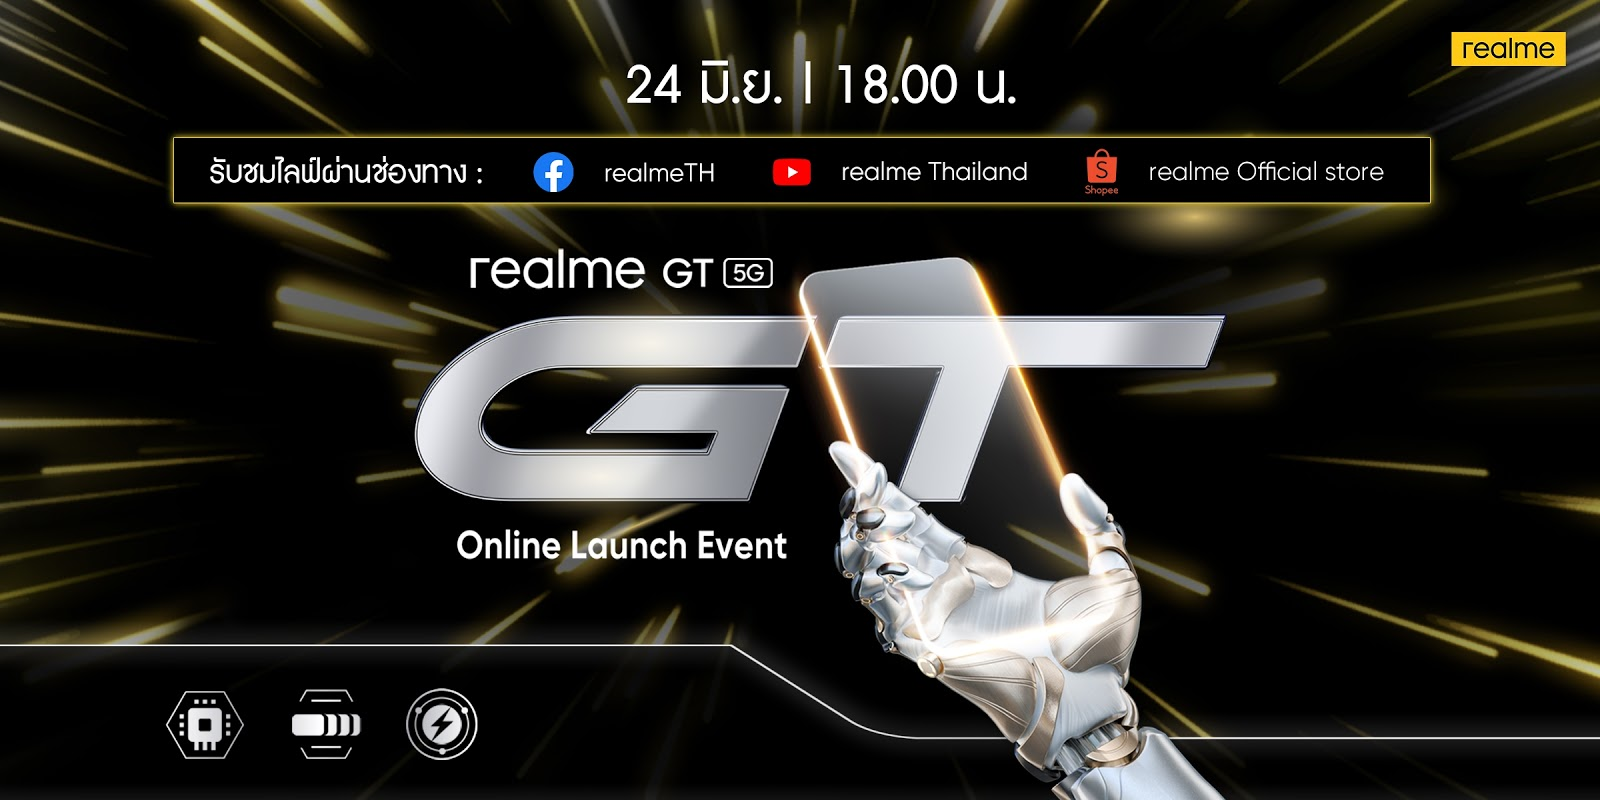 เตรียมตัวเป็นเจ้าของ realme GT 5G ที่สุดแห่งความสมบูรณ์แบบของสมาร์ทโฟนเรือธง พร้อมกันทั่วประเทศในวันที่ 24 มิถุนายน